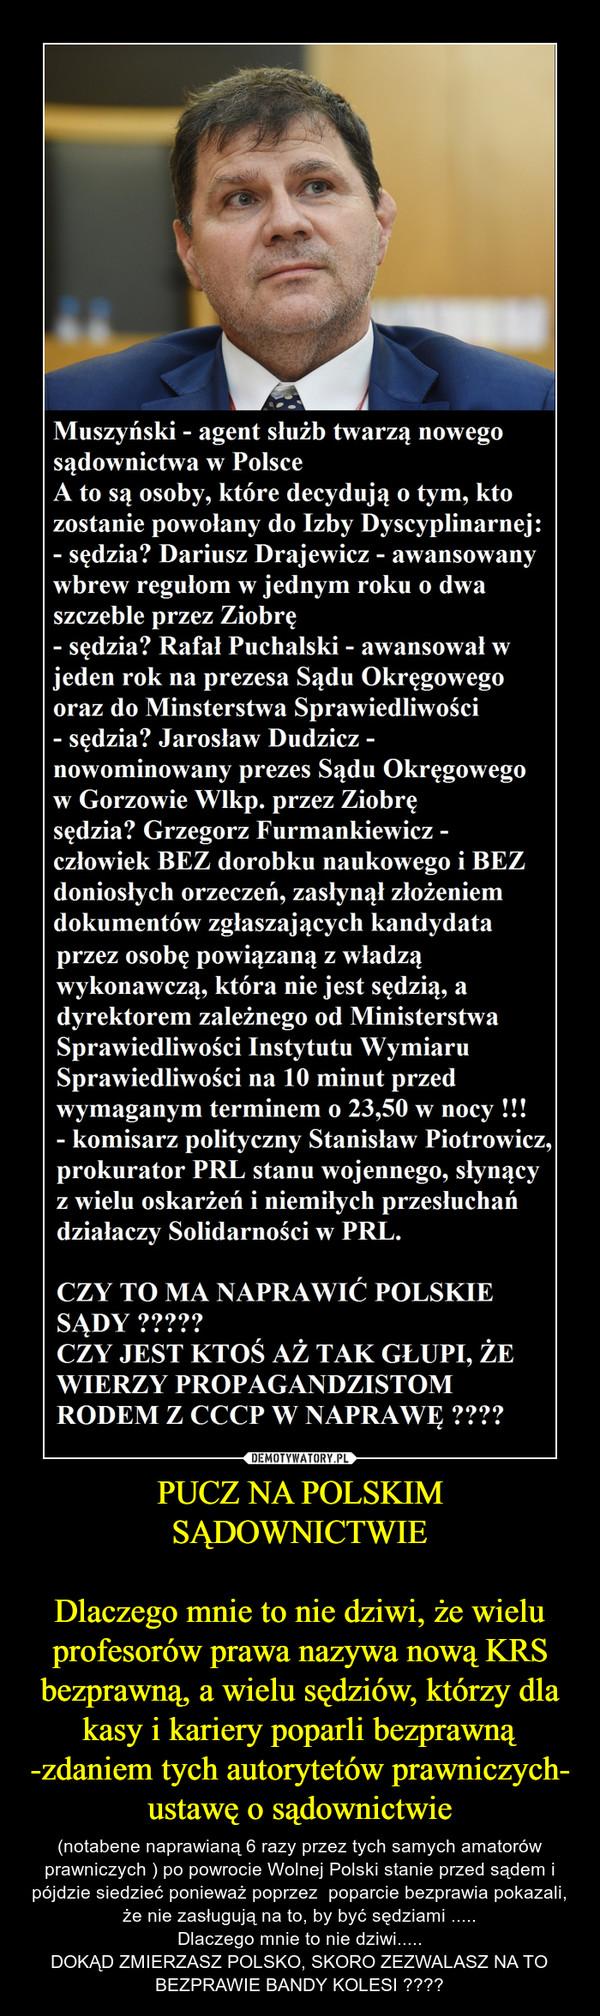 PUCZ NA POLSKIM SĄDOWNICTWIEDlaczego mnie to nie dziwi, że wielu profesorów prawa nazywa nową KRS bezprawną, a wielu sędziów, którzy dla kasy i kariery poparli bezprawną -zdaniem tych autorytetów prawniczych- ustawę o sądownictwie – (notabene naprawianą 6 razy przez tych samych amatorów prawniczych ) po powrocie Wolnej Polski stanie przed sądem i pójdzie siedzieć ponieważ poprzez  poparcie bezprawia pokazali, że nie zasługują na to, by być sędziami .....Dlaczego mnie to nie dziwi.....DOKĄD ZMIERZASZ POLSKO, SKORO ZEZWALASZ NA TO BEZPRAWIE BANDY KOLESI ????